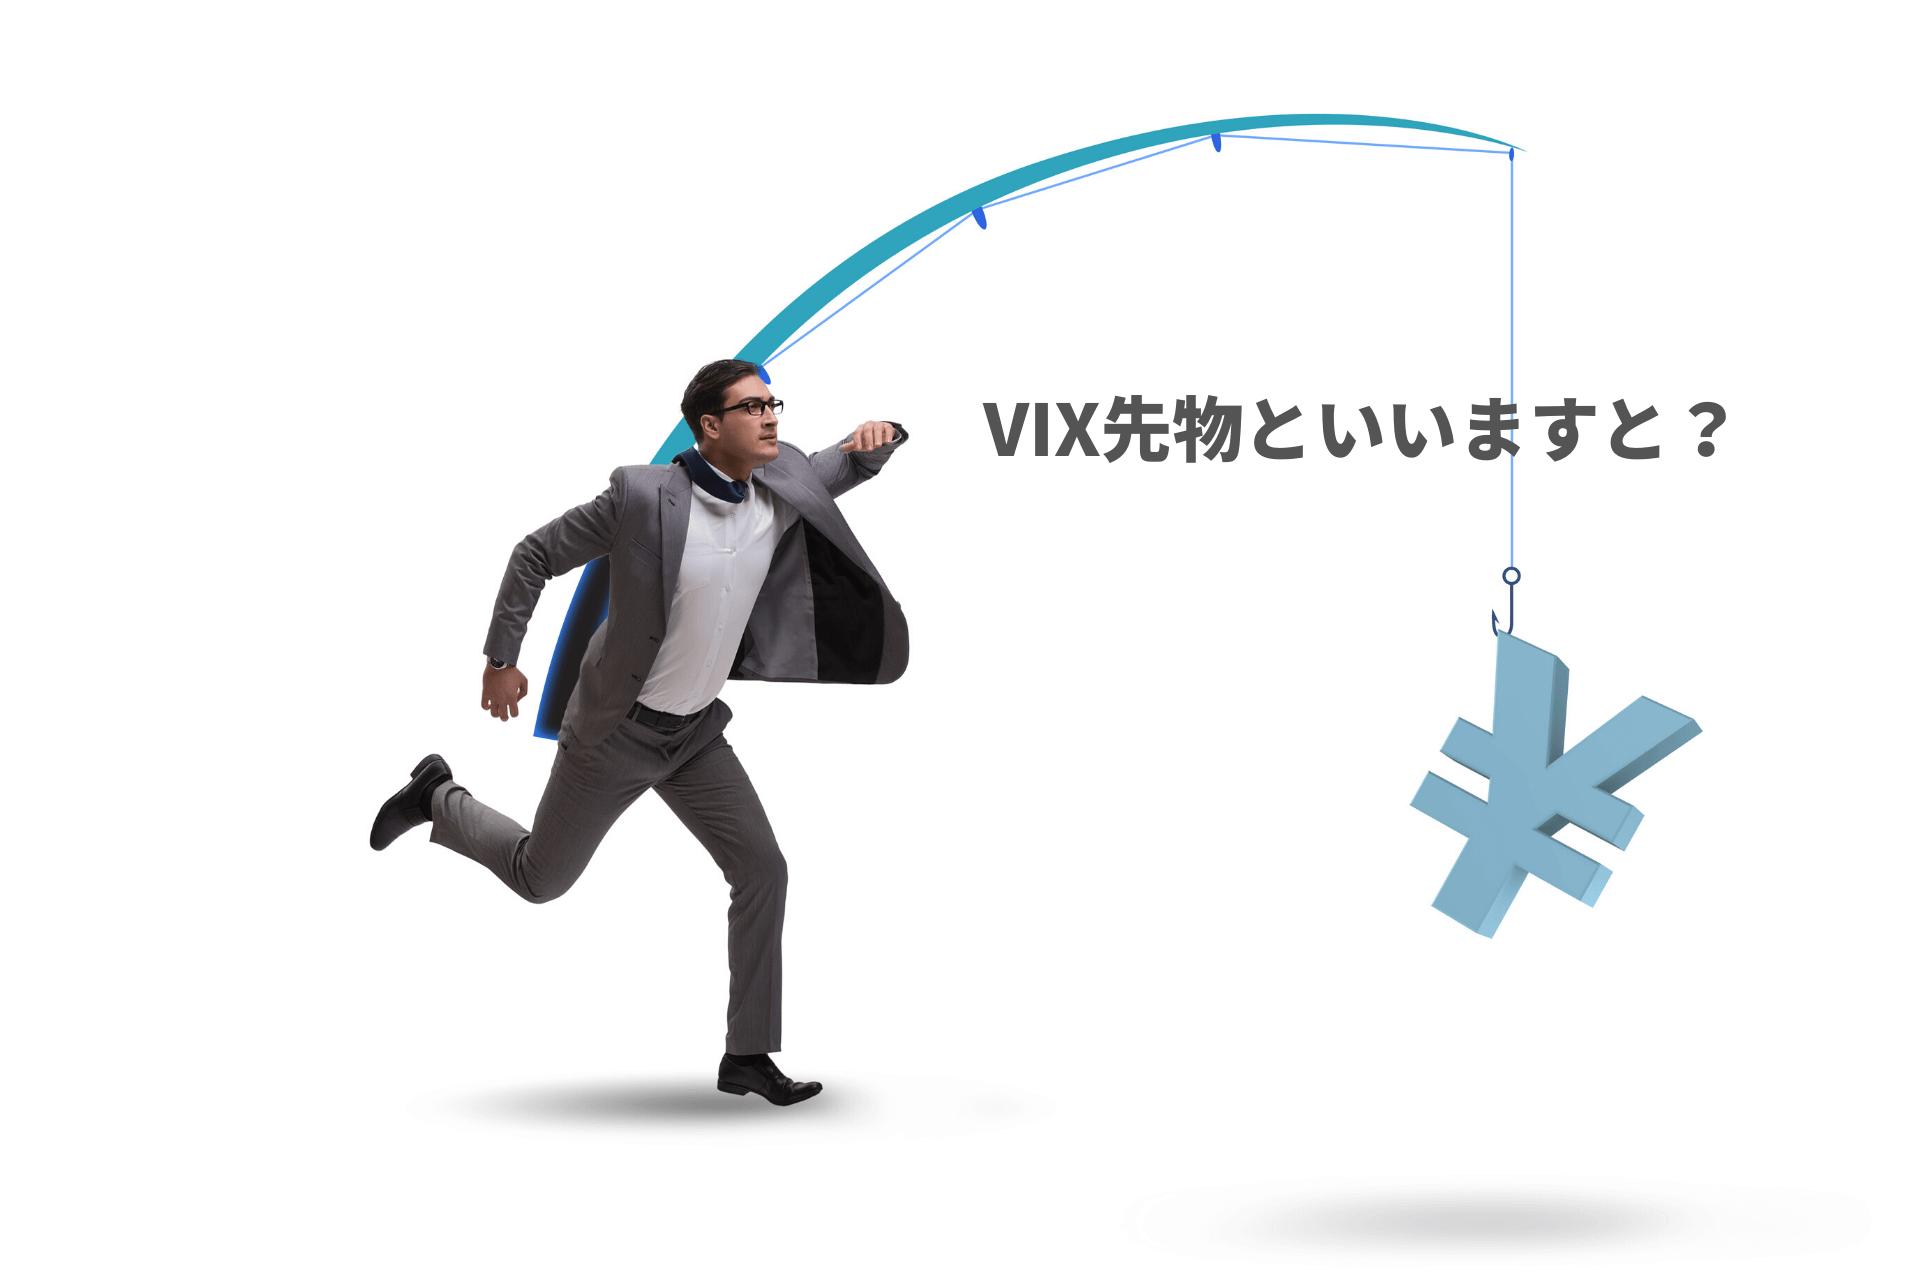 VIX先物って何?投資初心者が気をつけること